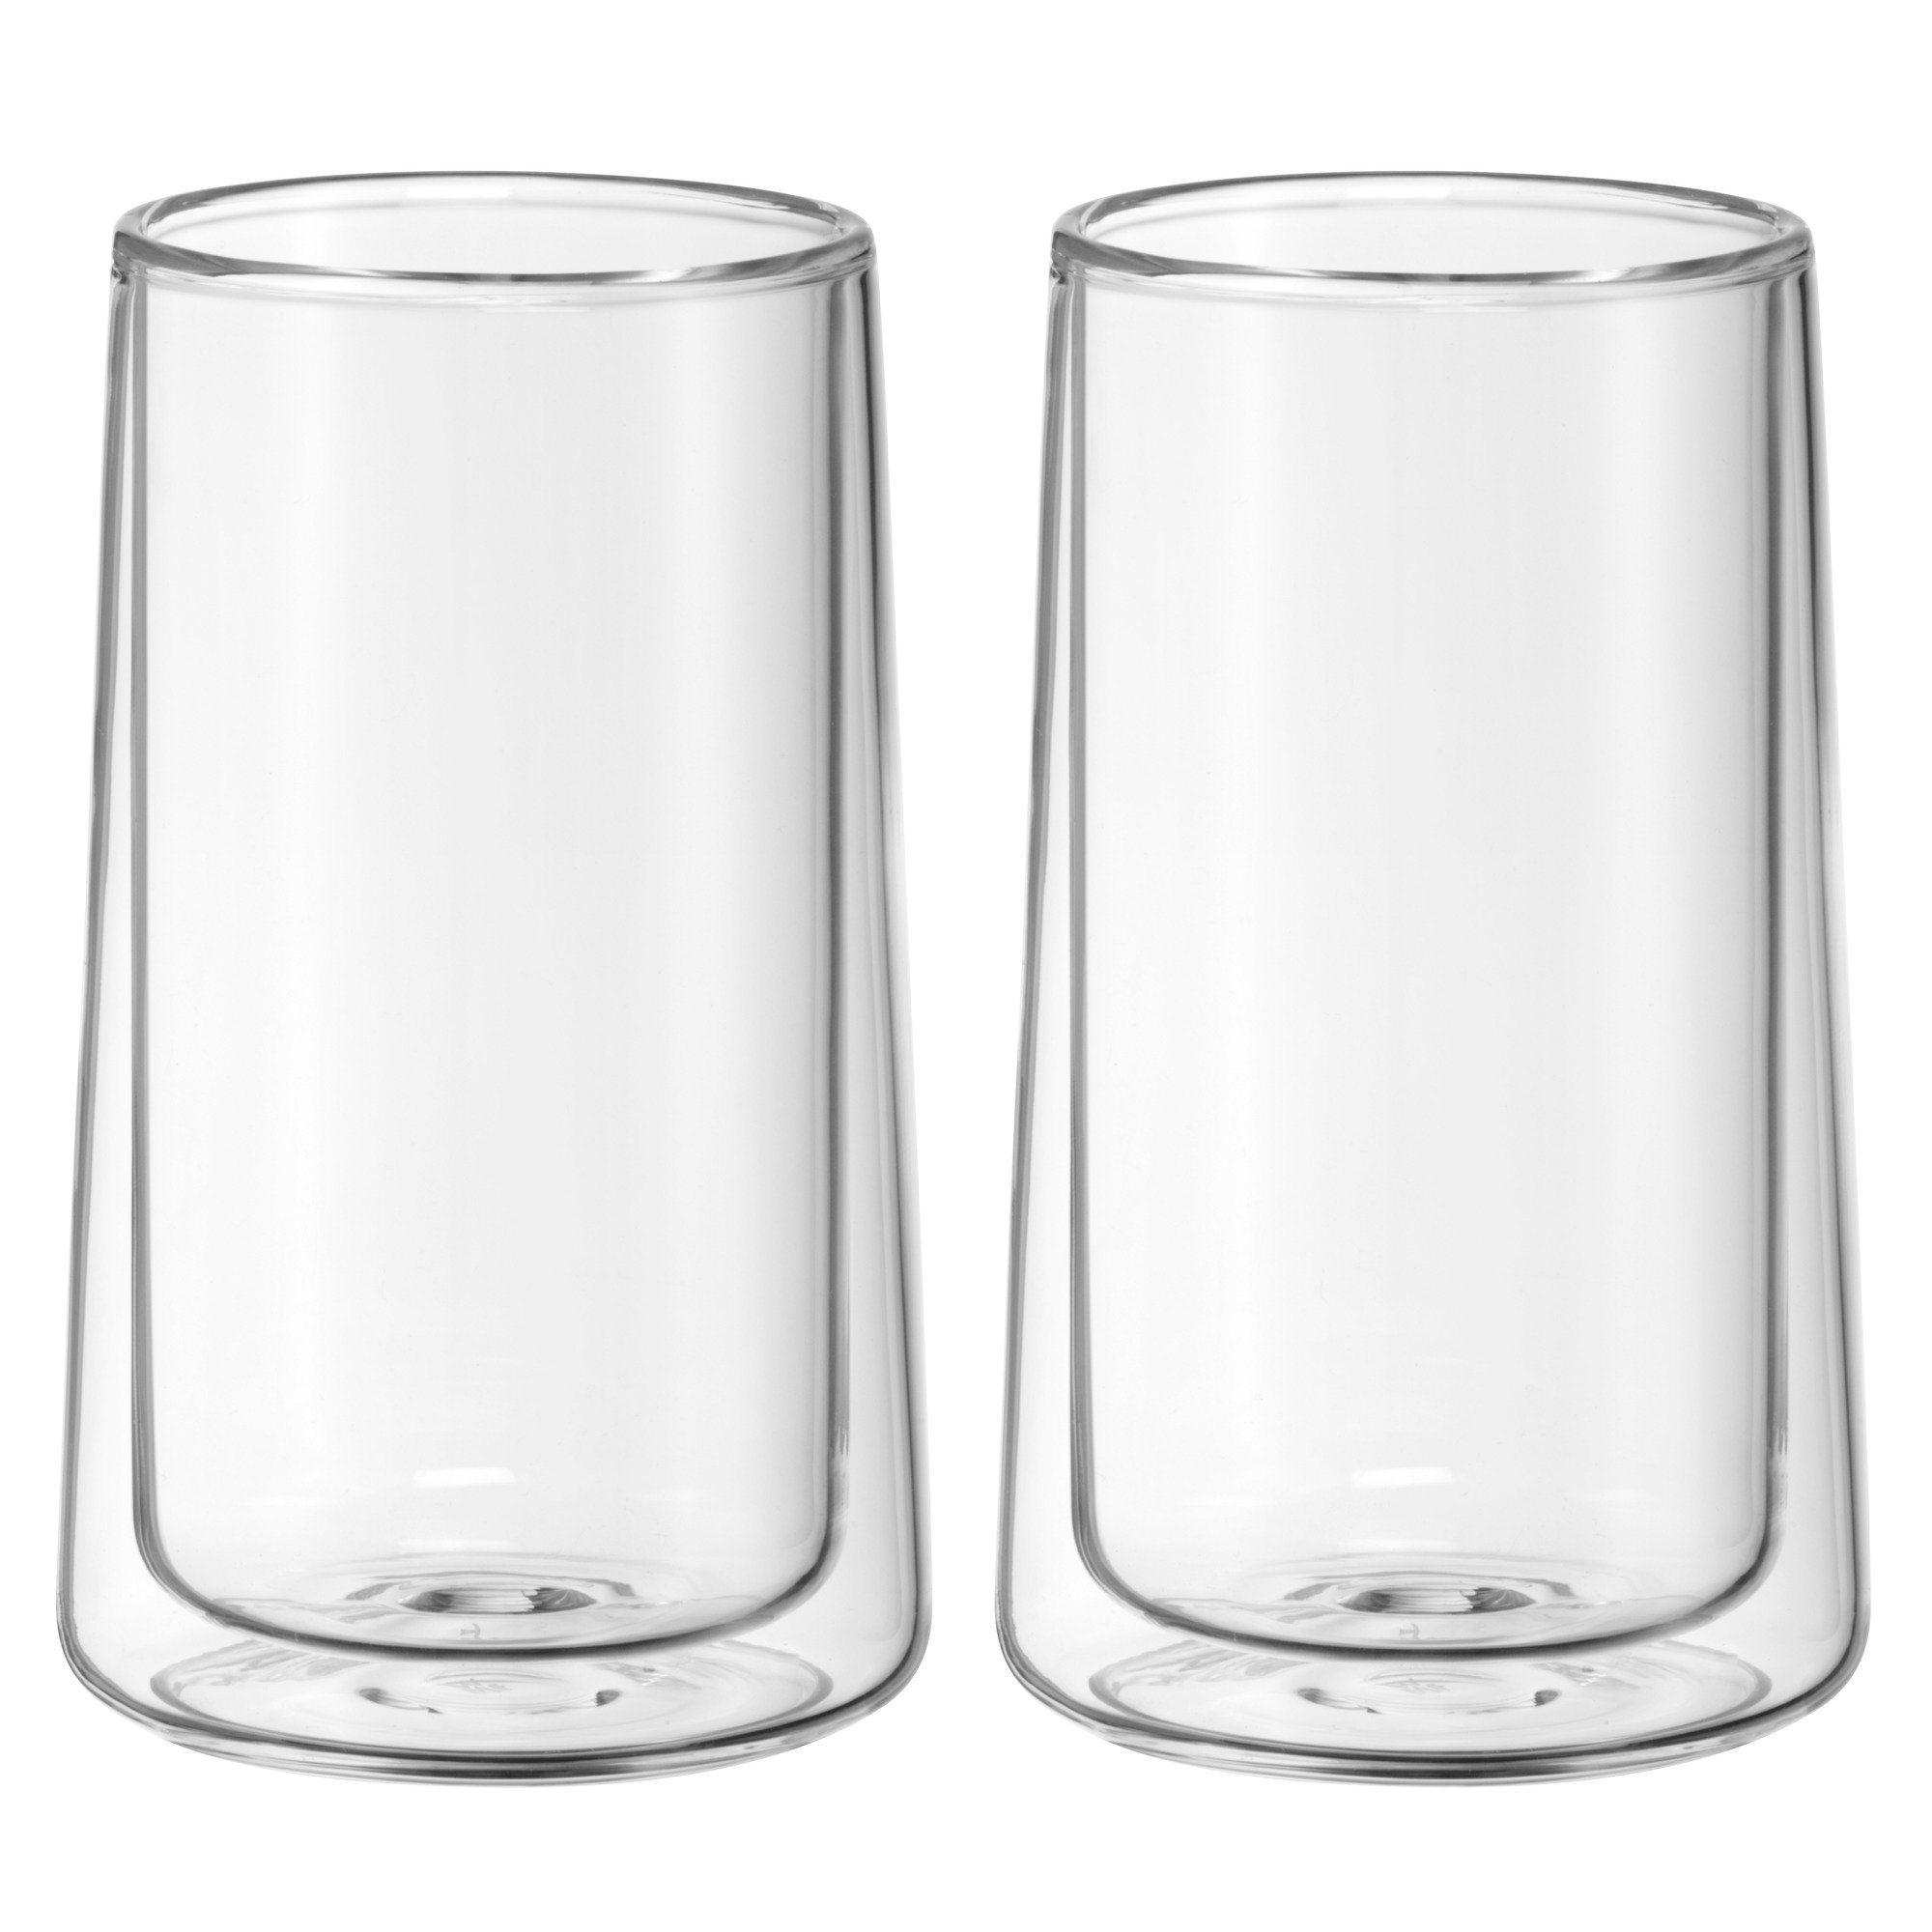 wmf wasserglas 2 tlg ice teatime wei online kaufen bei woonio. Black Bedroom Furniture Sets. Home Design Ideas